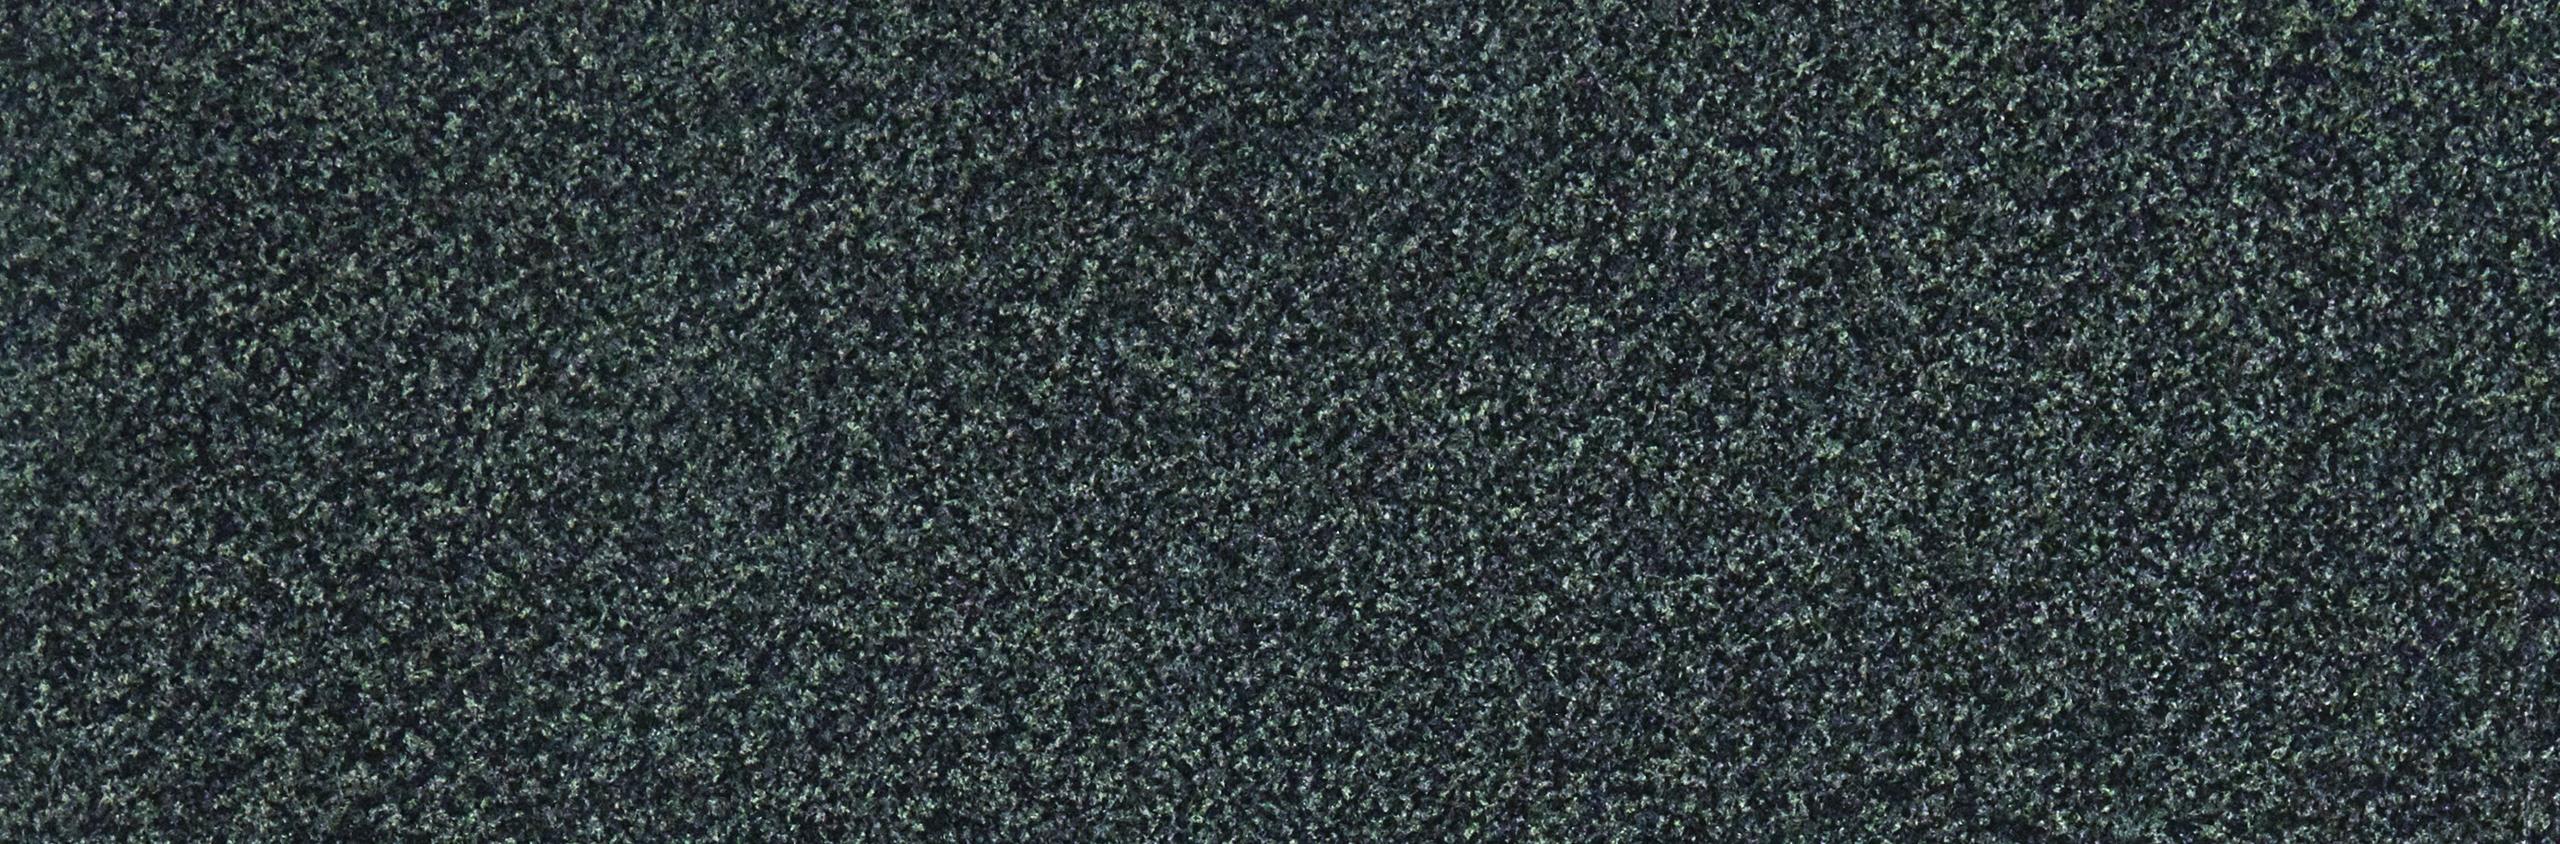 Black Granite 3264 Laminate Countertops